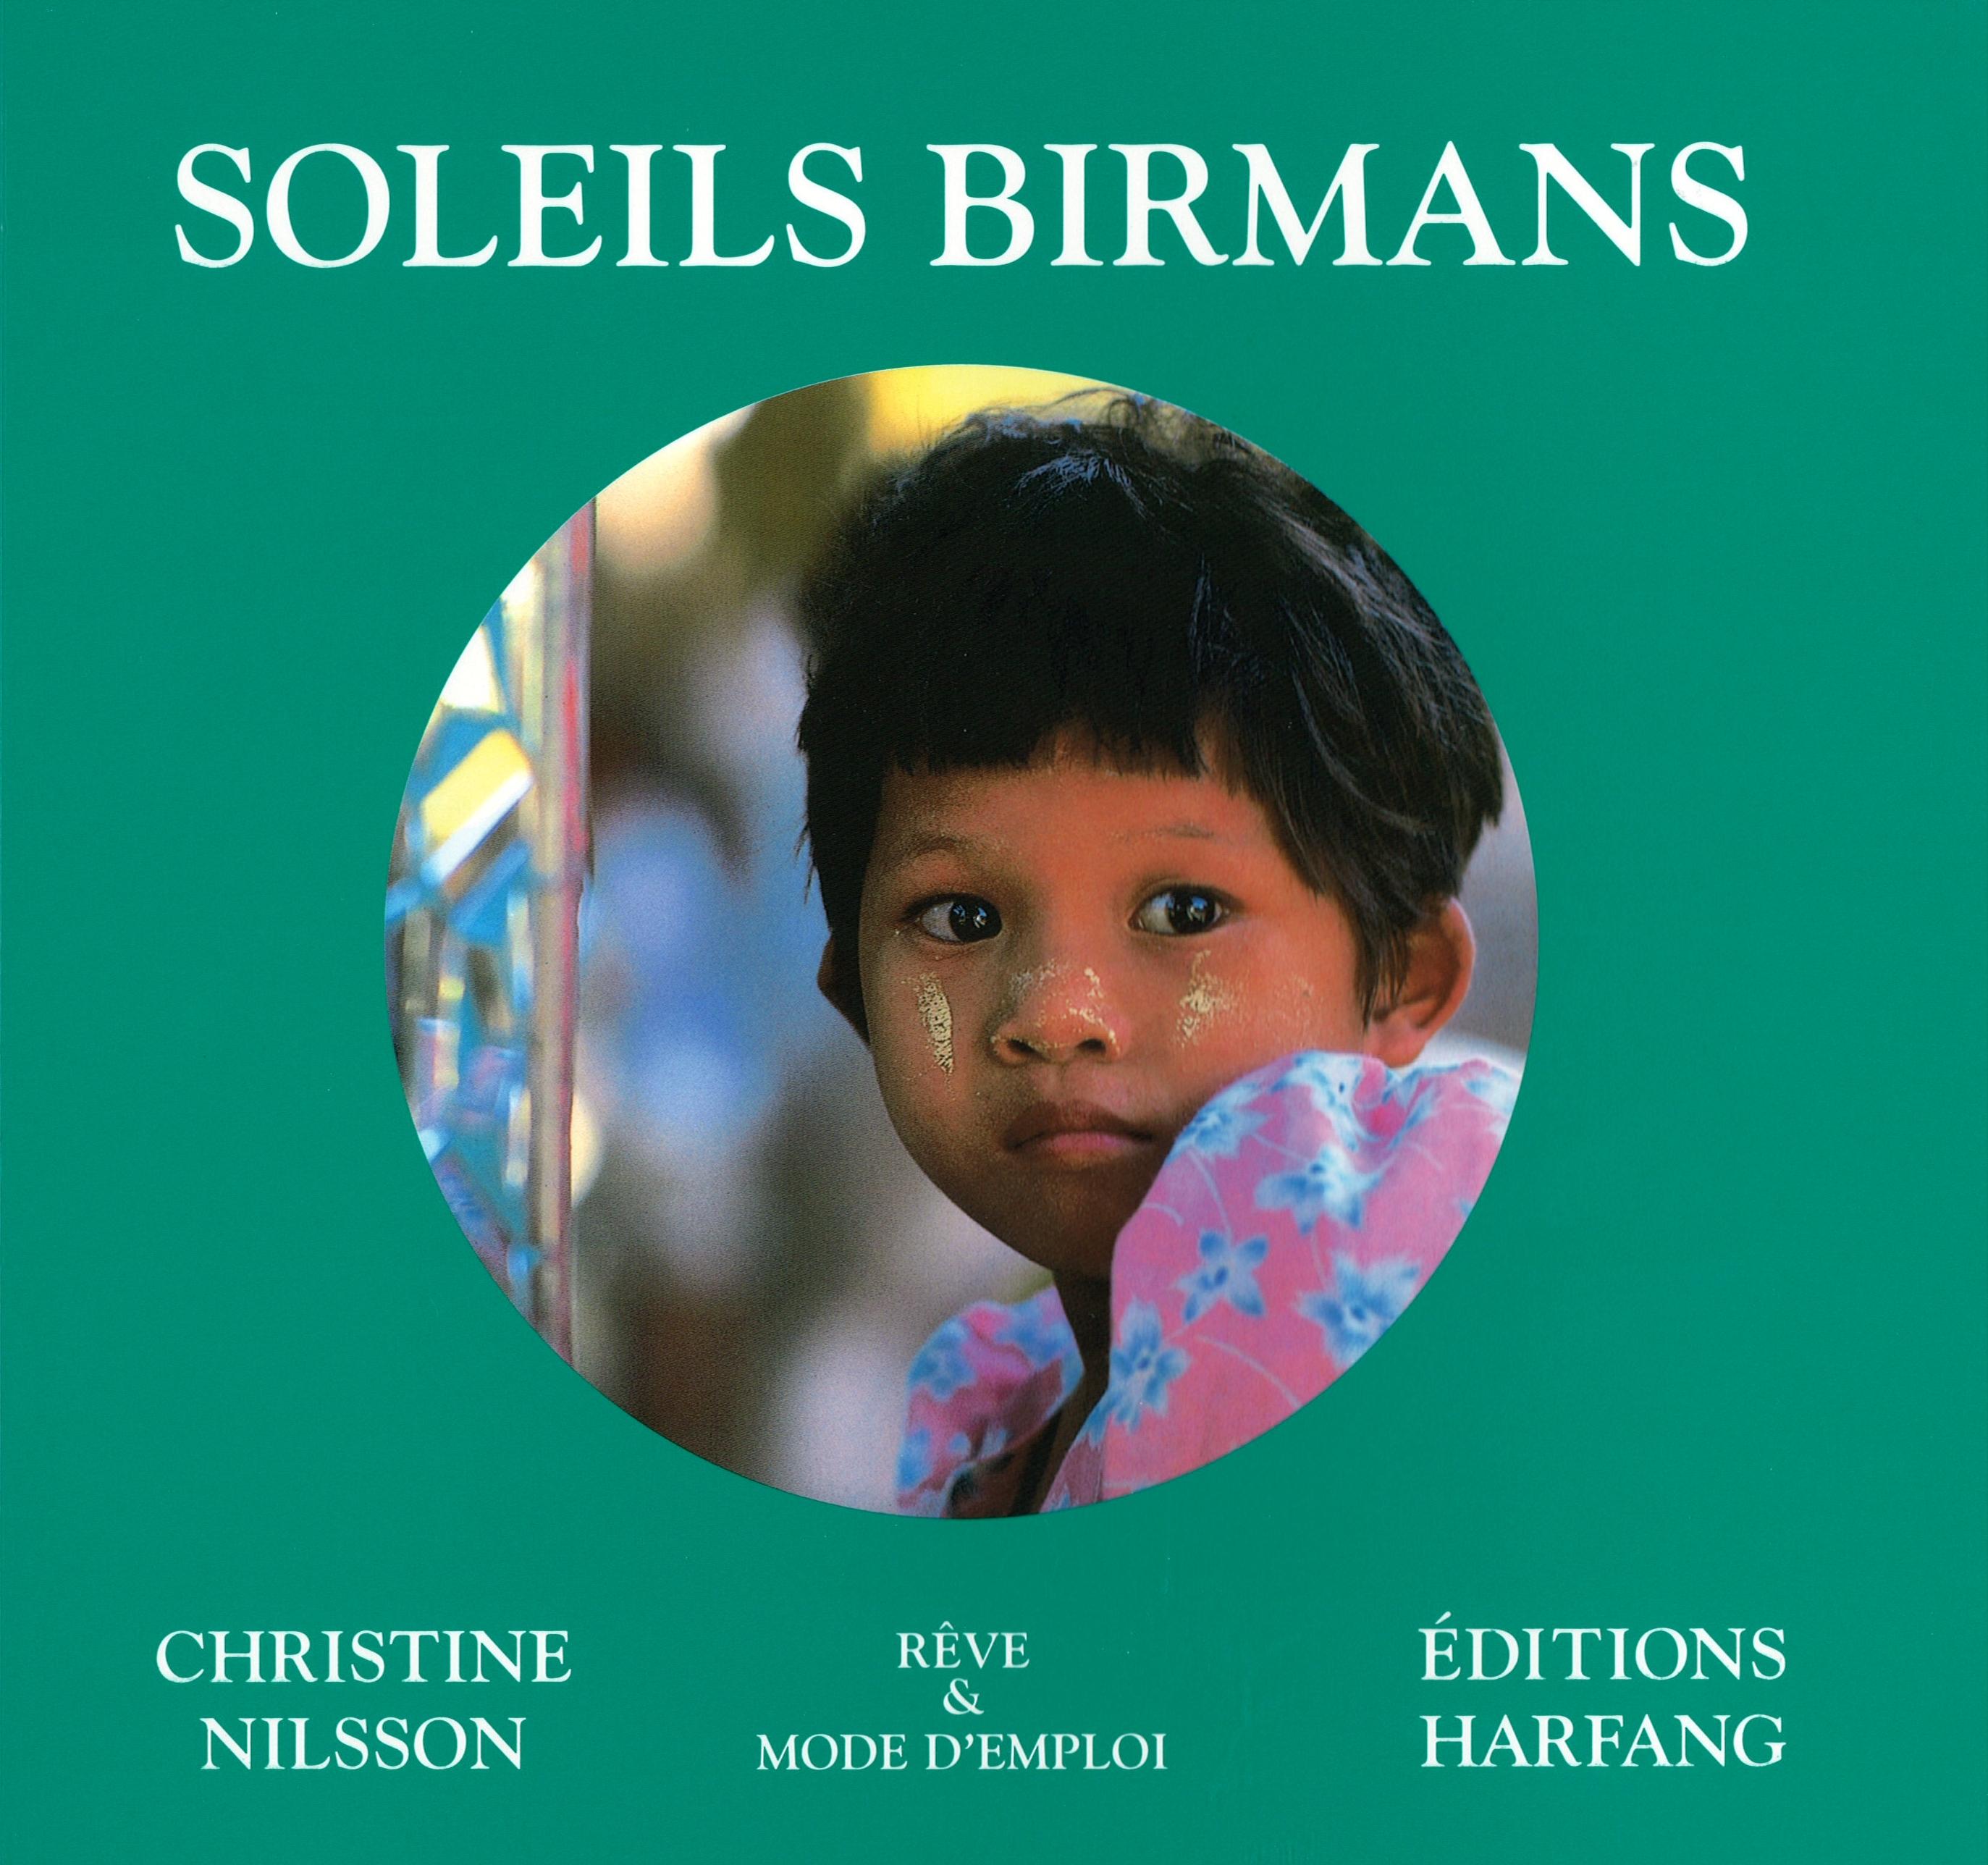 SOLEILS BIRMANS